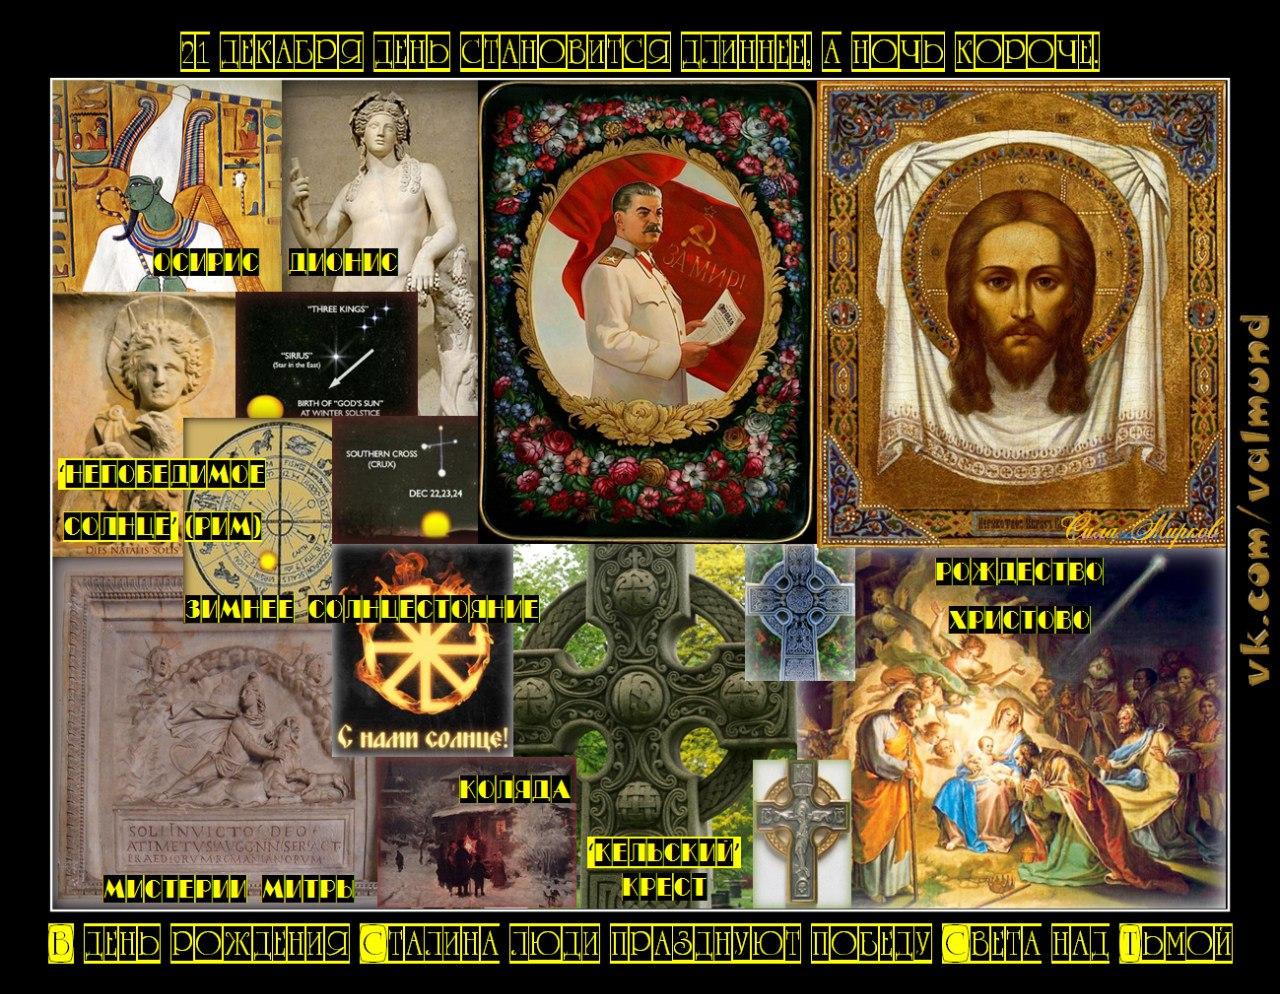 Картинки по запросу Заимствование Ведической культуры в иудо-христианстве. Подмена понятий и символов